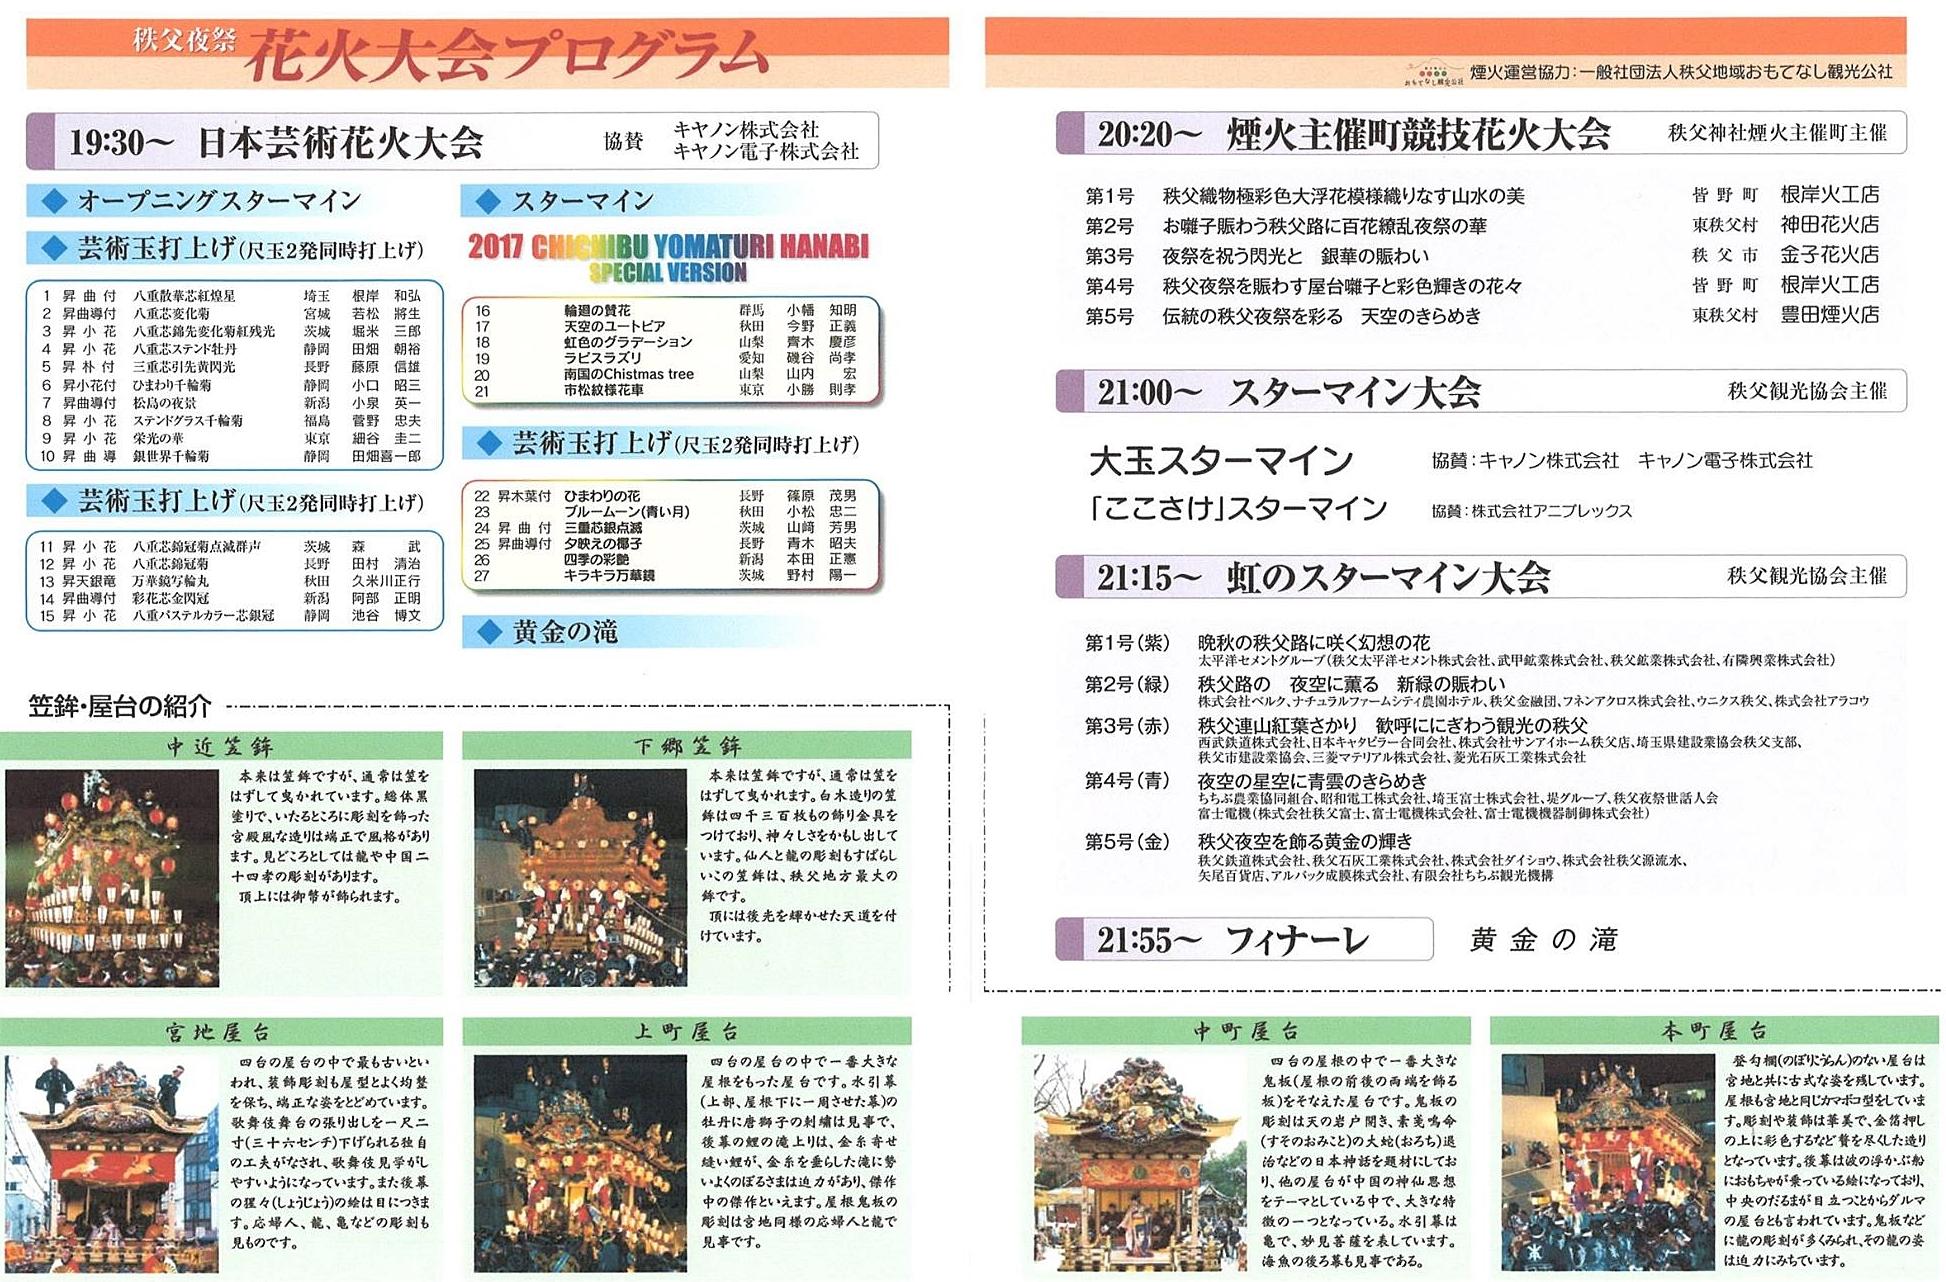 20171203花火大会プログラム